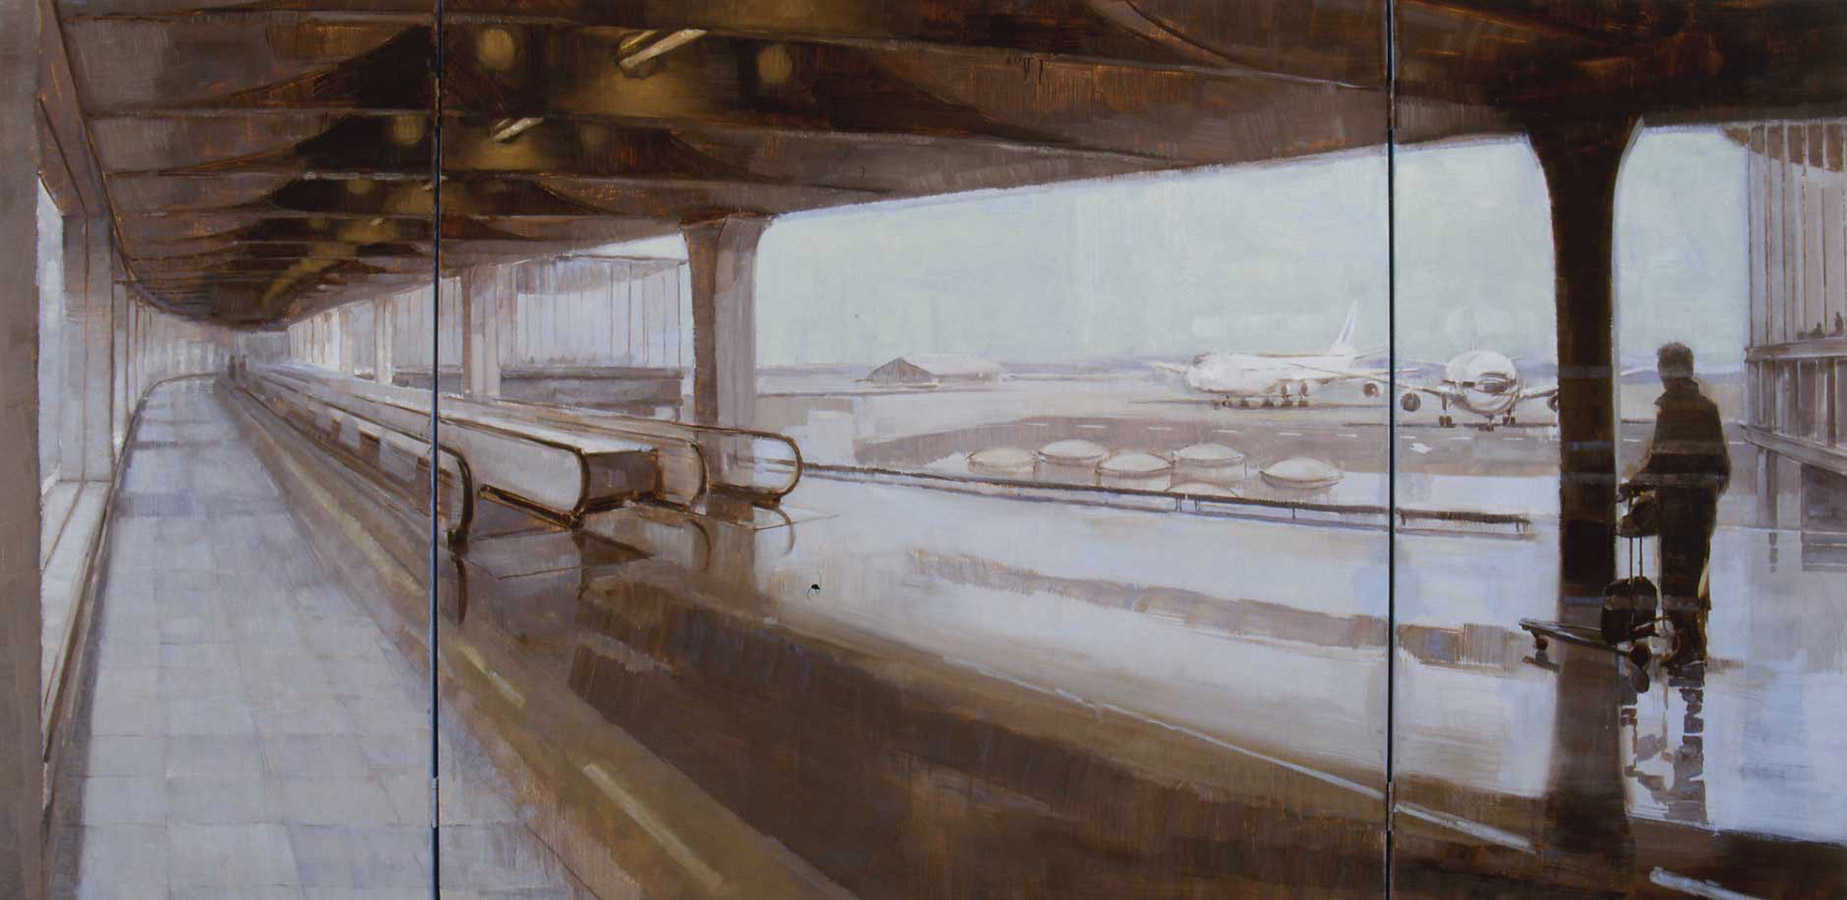 Correspondance. Triptyque open, huile sur toile 100 x 200 cm, 2001